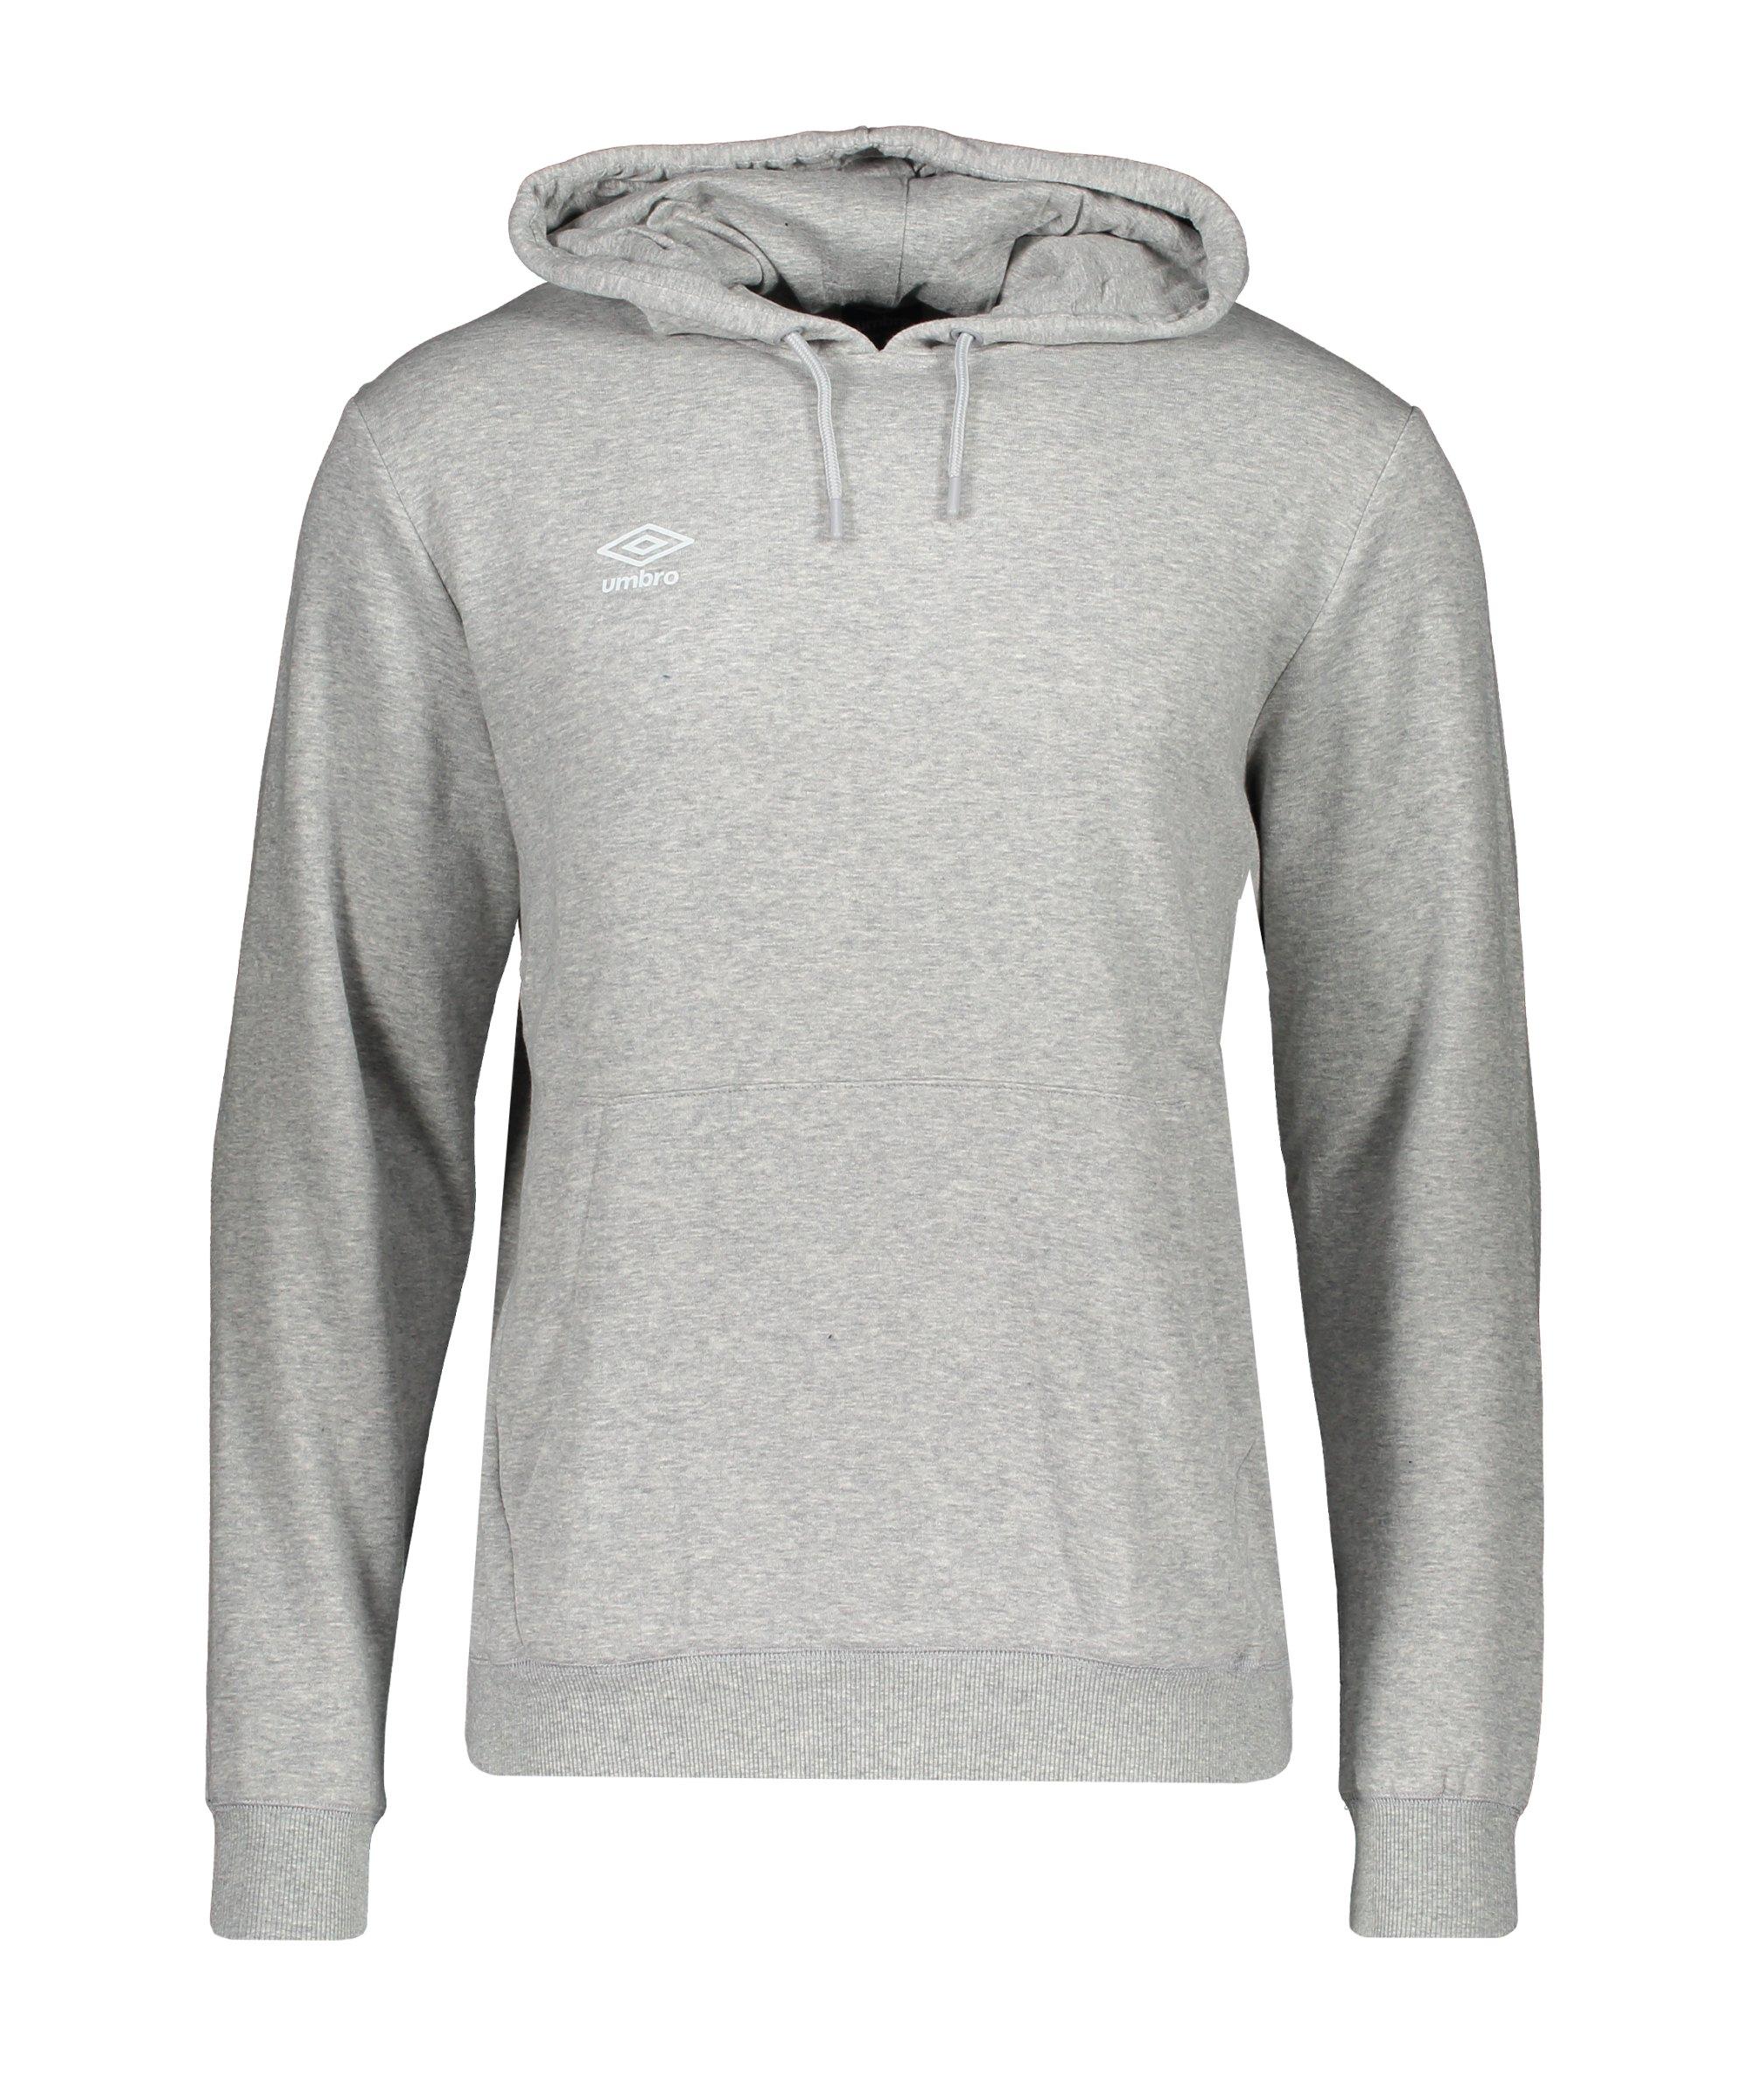 Umbro Club Leisure OH Kapuzensweatshirt Grau FP12 - grau